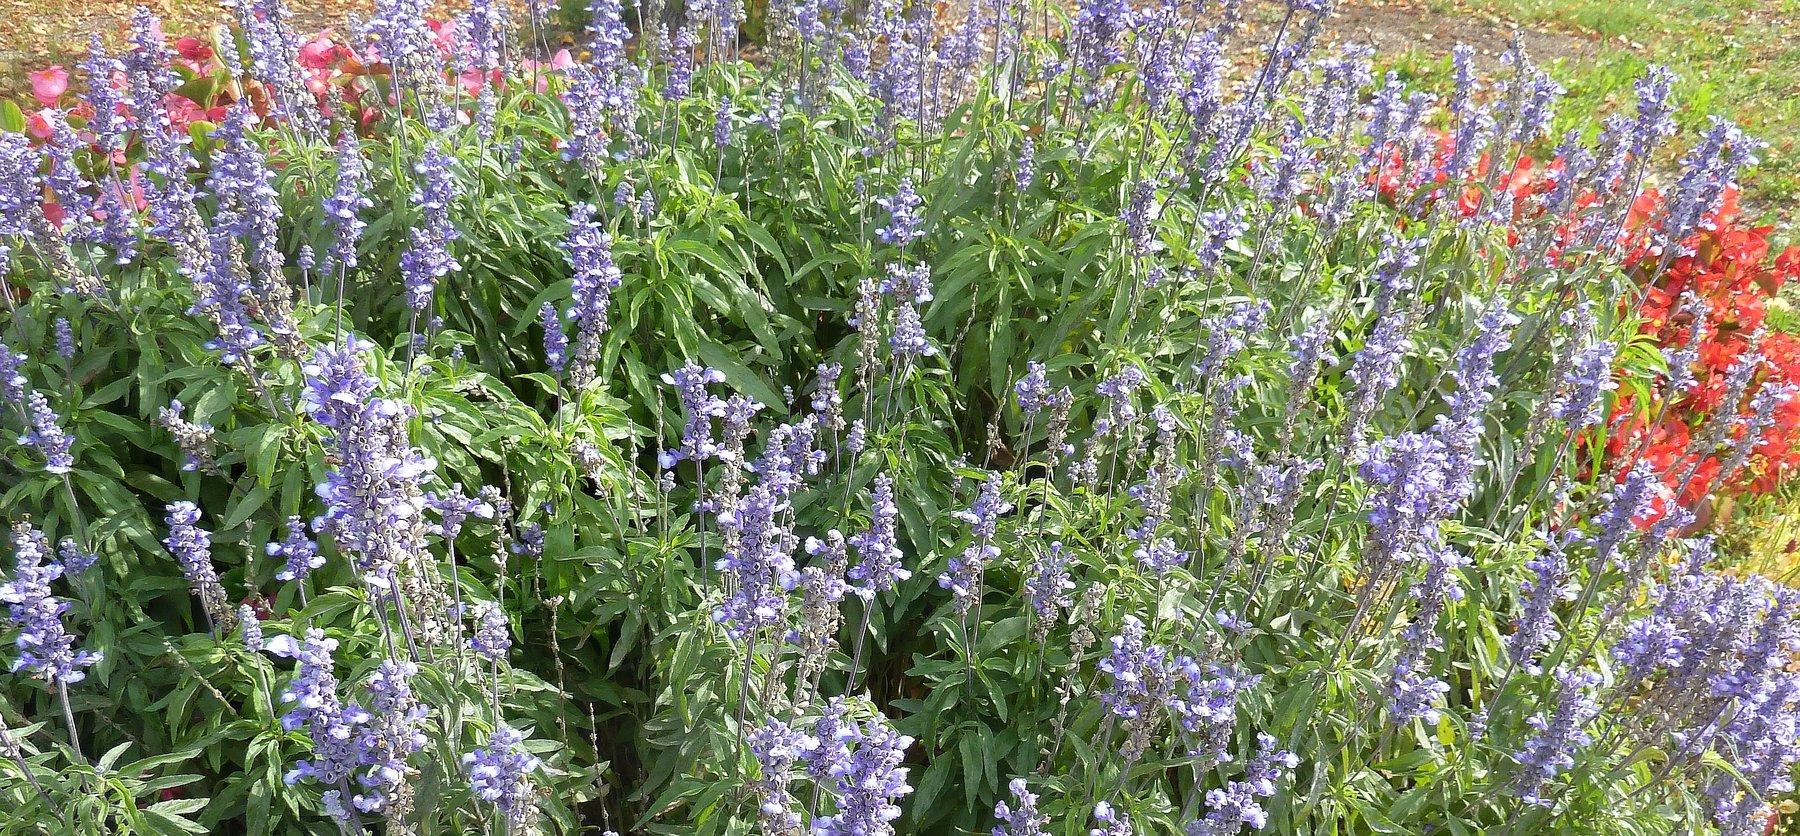 Lavendel Pflanzen Und Pflegen Lagerhaus Landforst Pflanzen